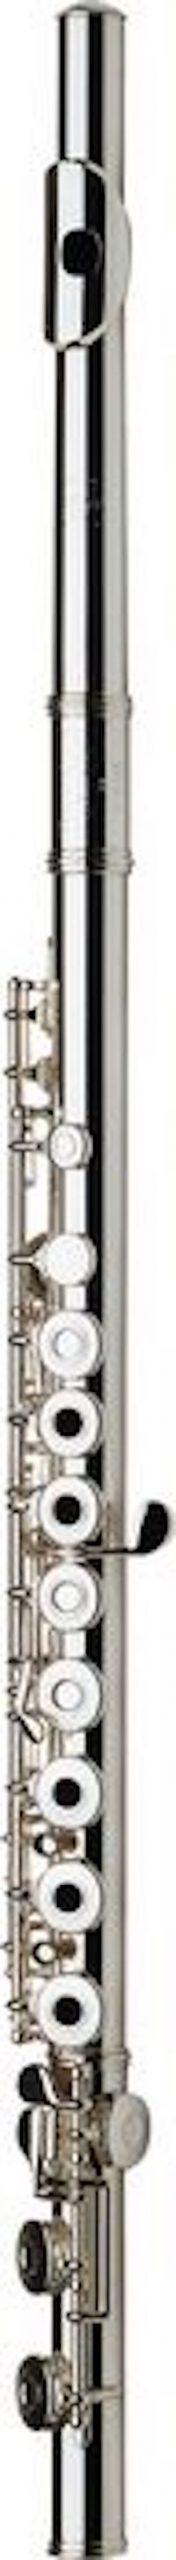 חליל צד חורים פתוחים ראש כסף  עם פיה ציפוי זהב Gemeinhardt 30SH